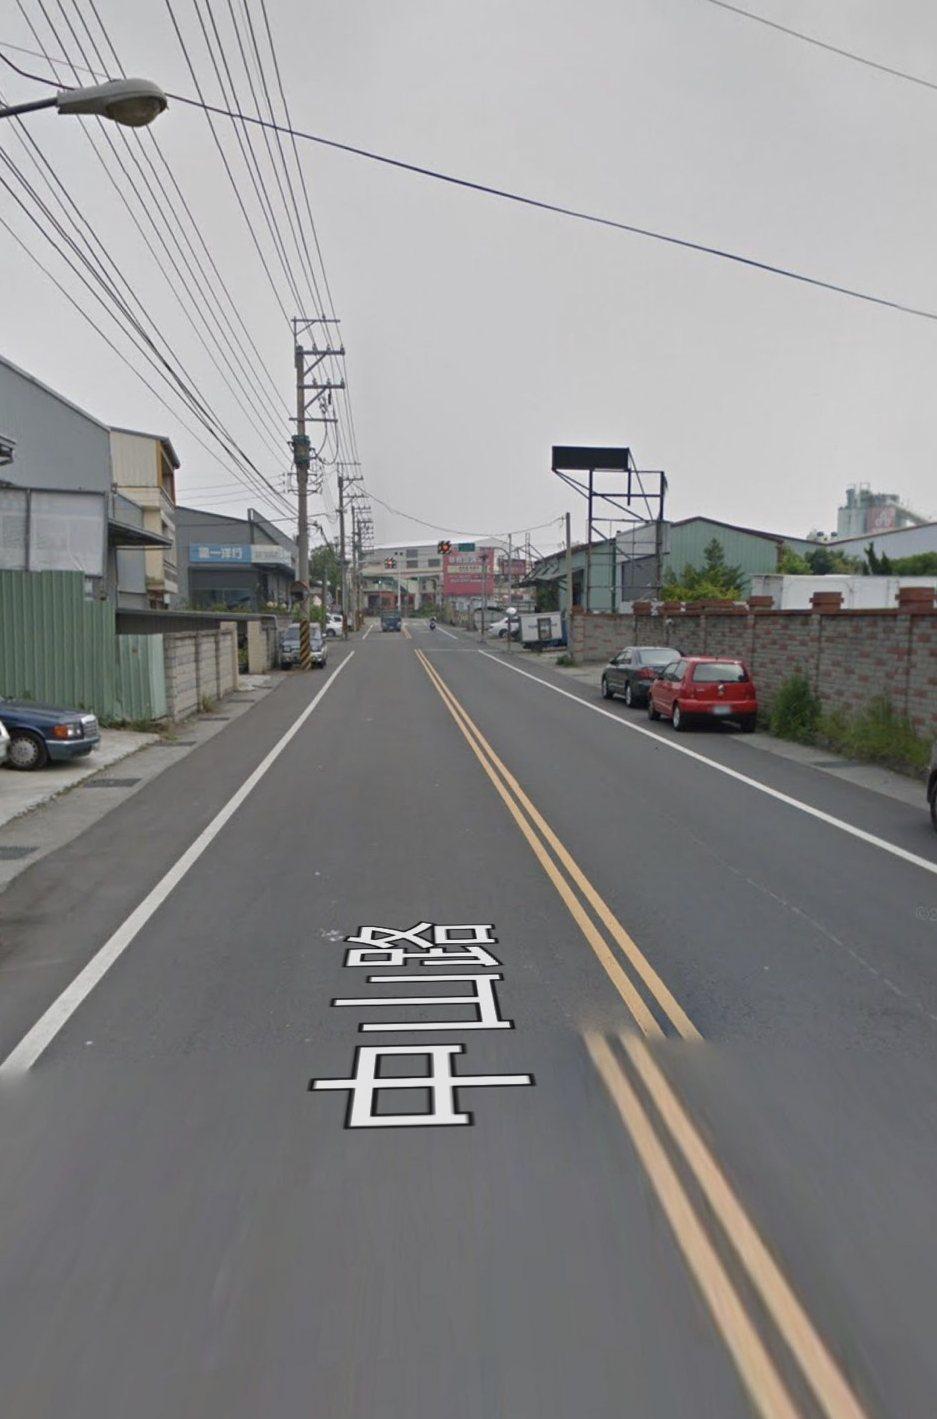 台中市今早發生死亡車禍,蔡姓女騎士遭駕駛突然開車門撞擊,彈飛到對向車道遭休旅車撞...